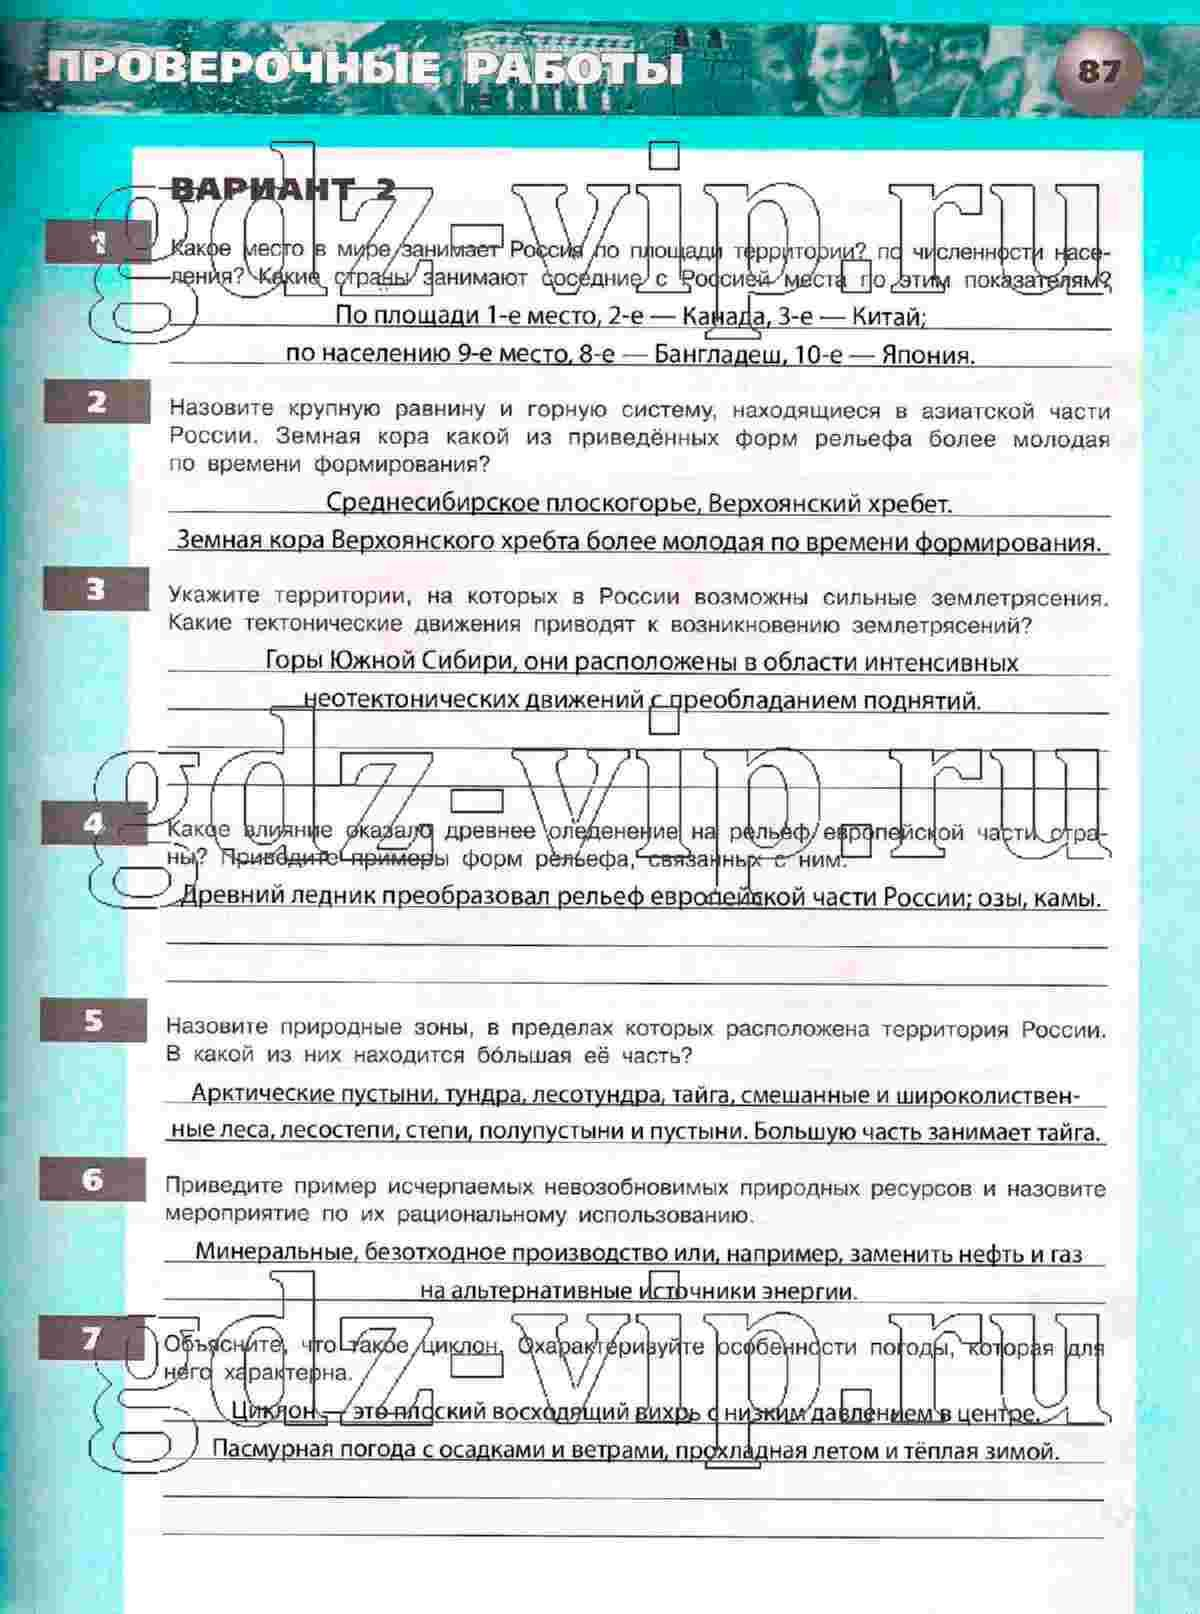 ответы к зачетной тетради по русскому языку 4 класс голубь